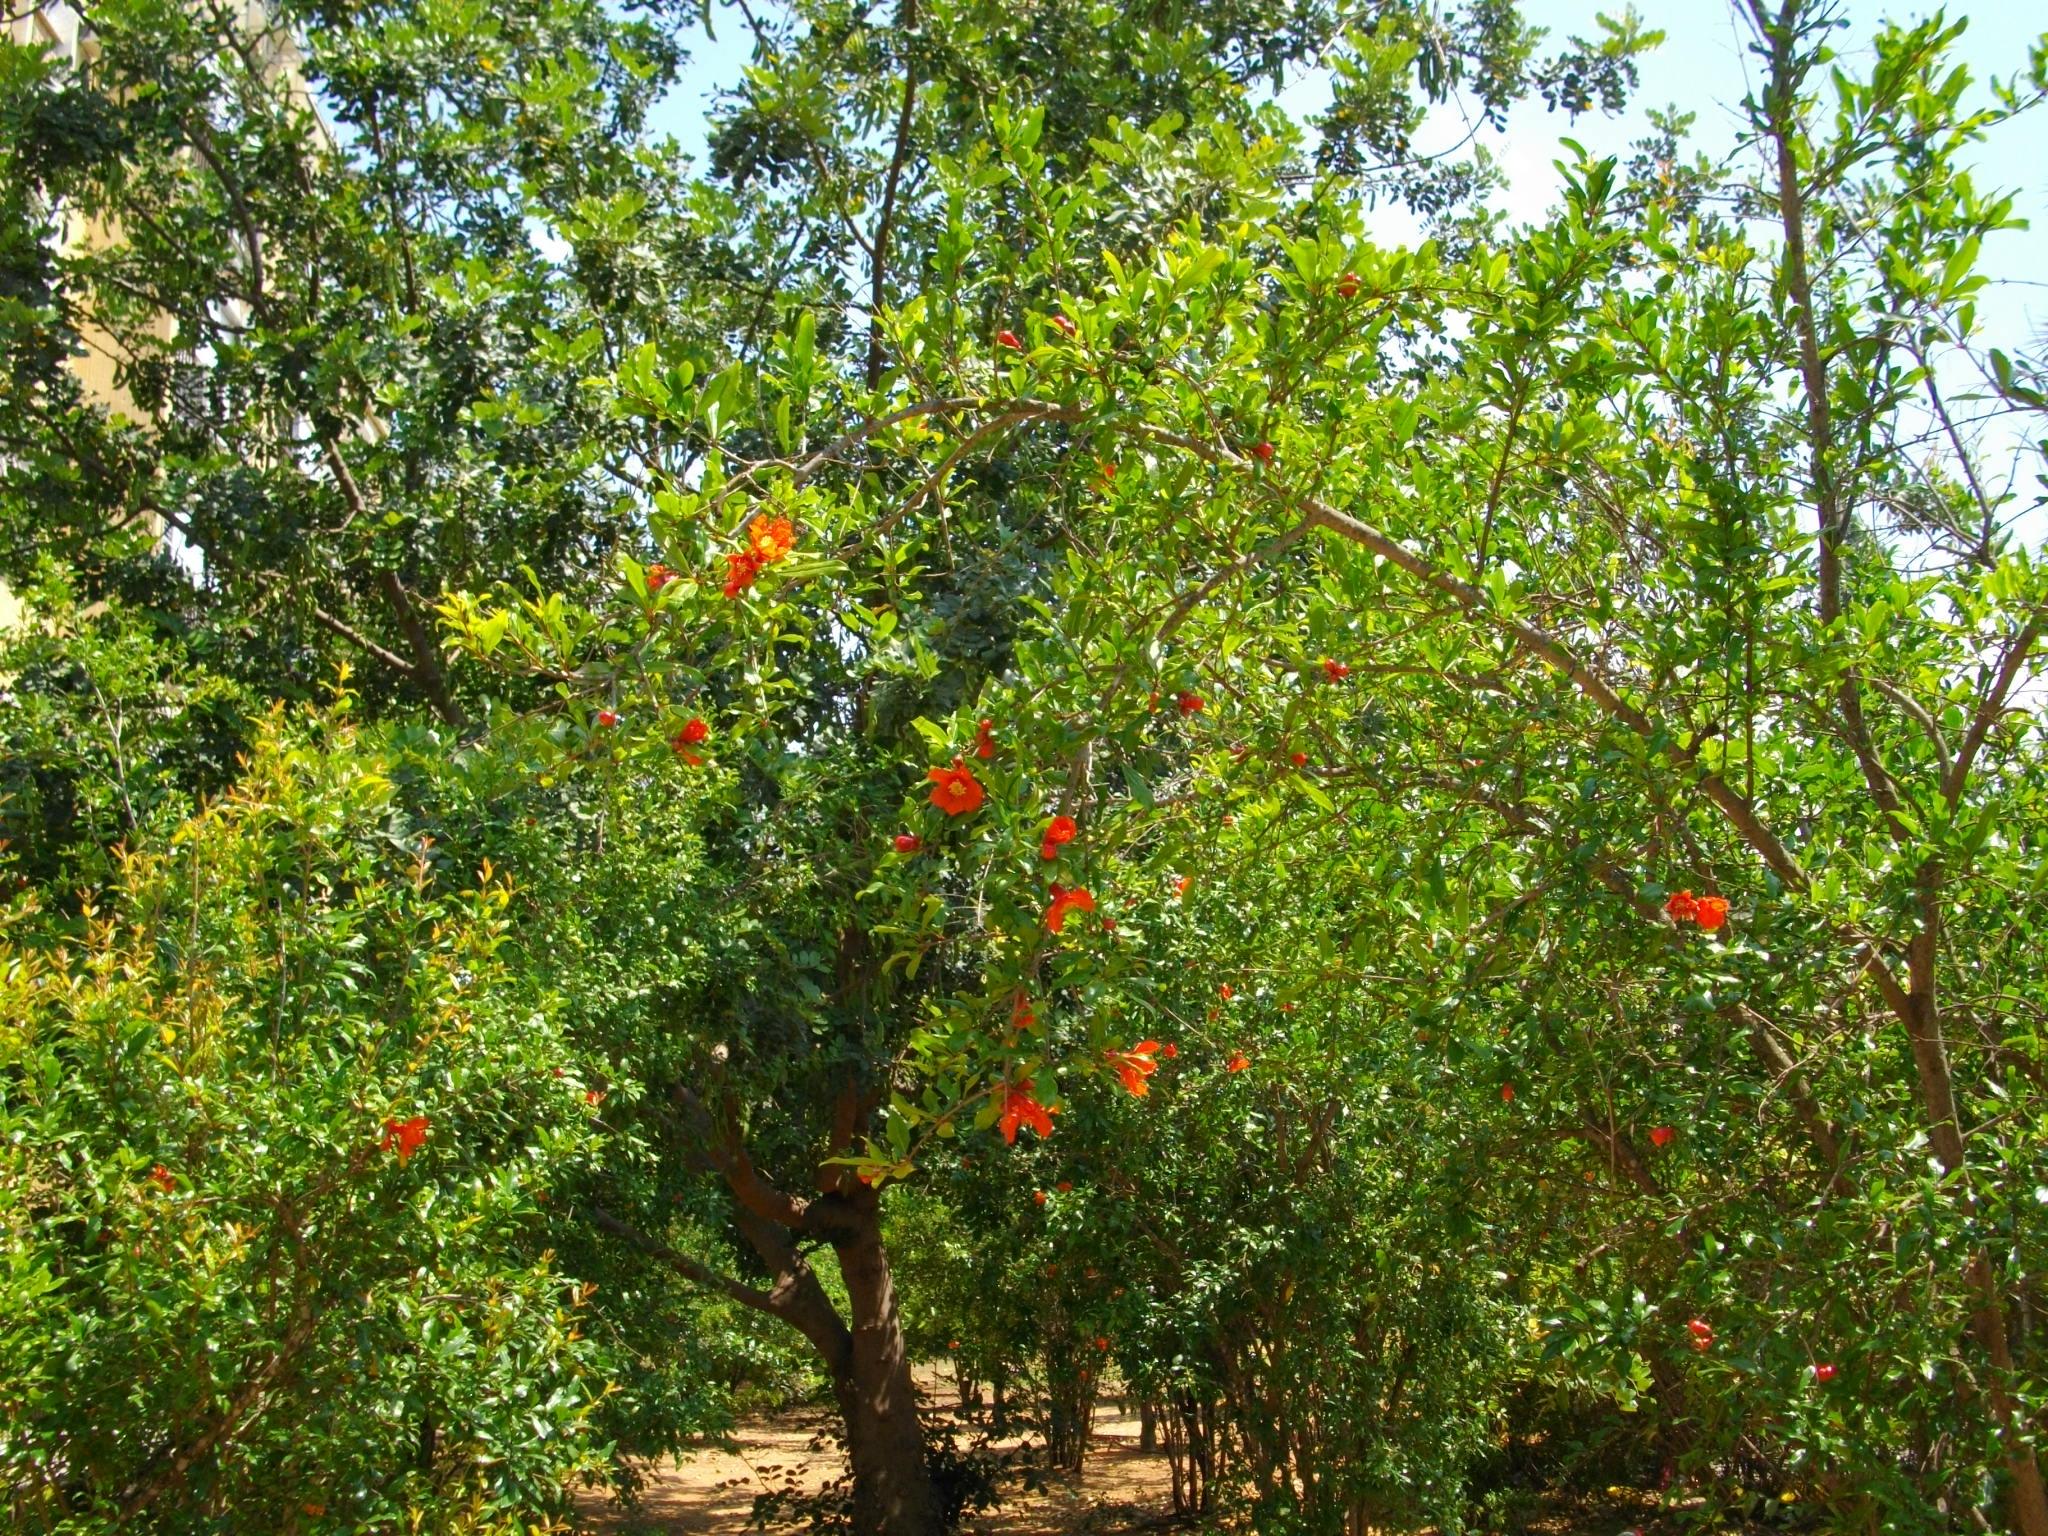 Pomegranate+bushes